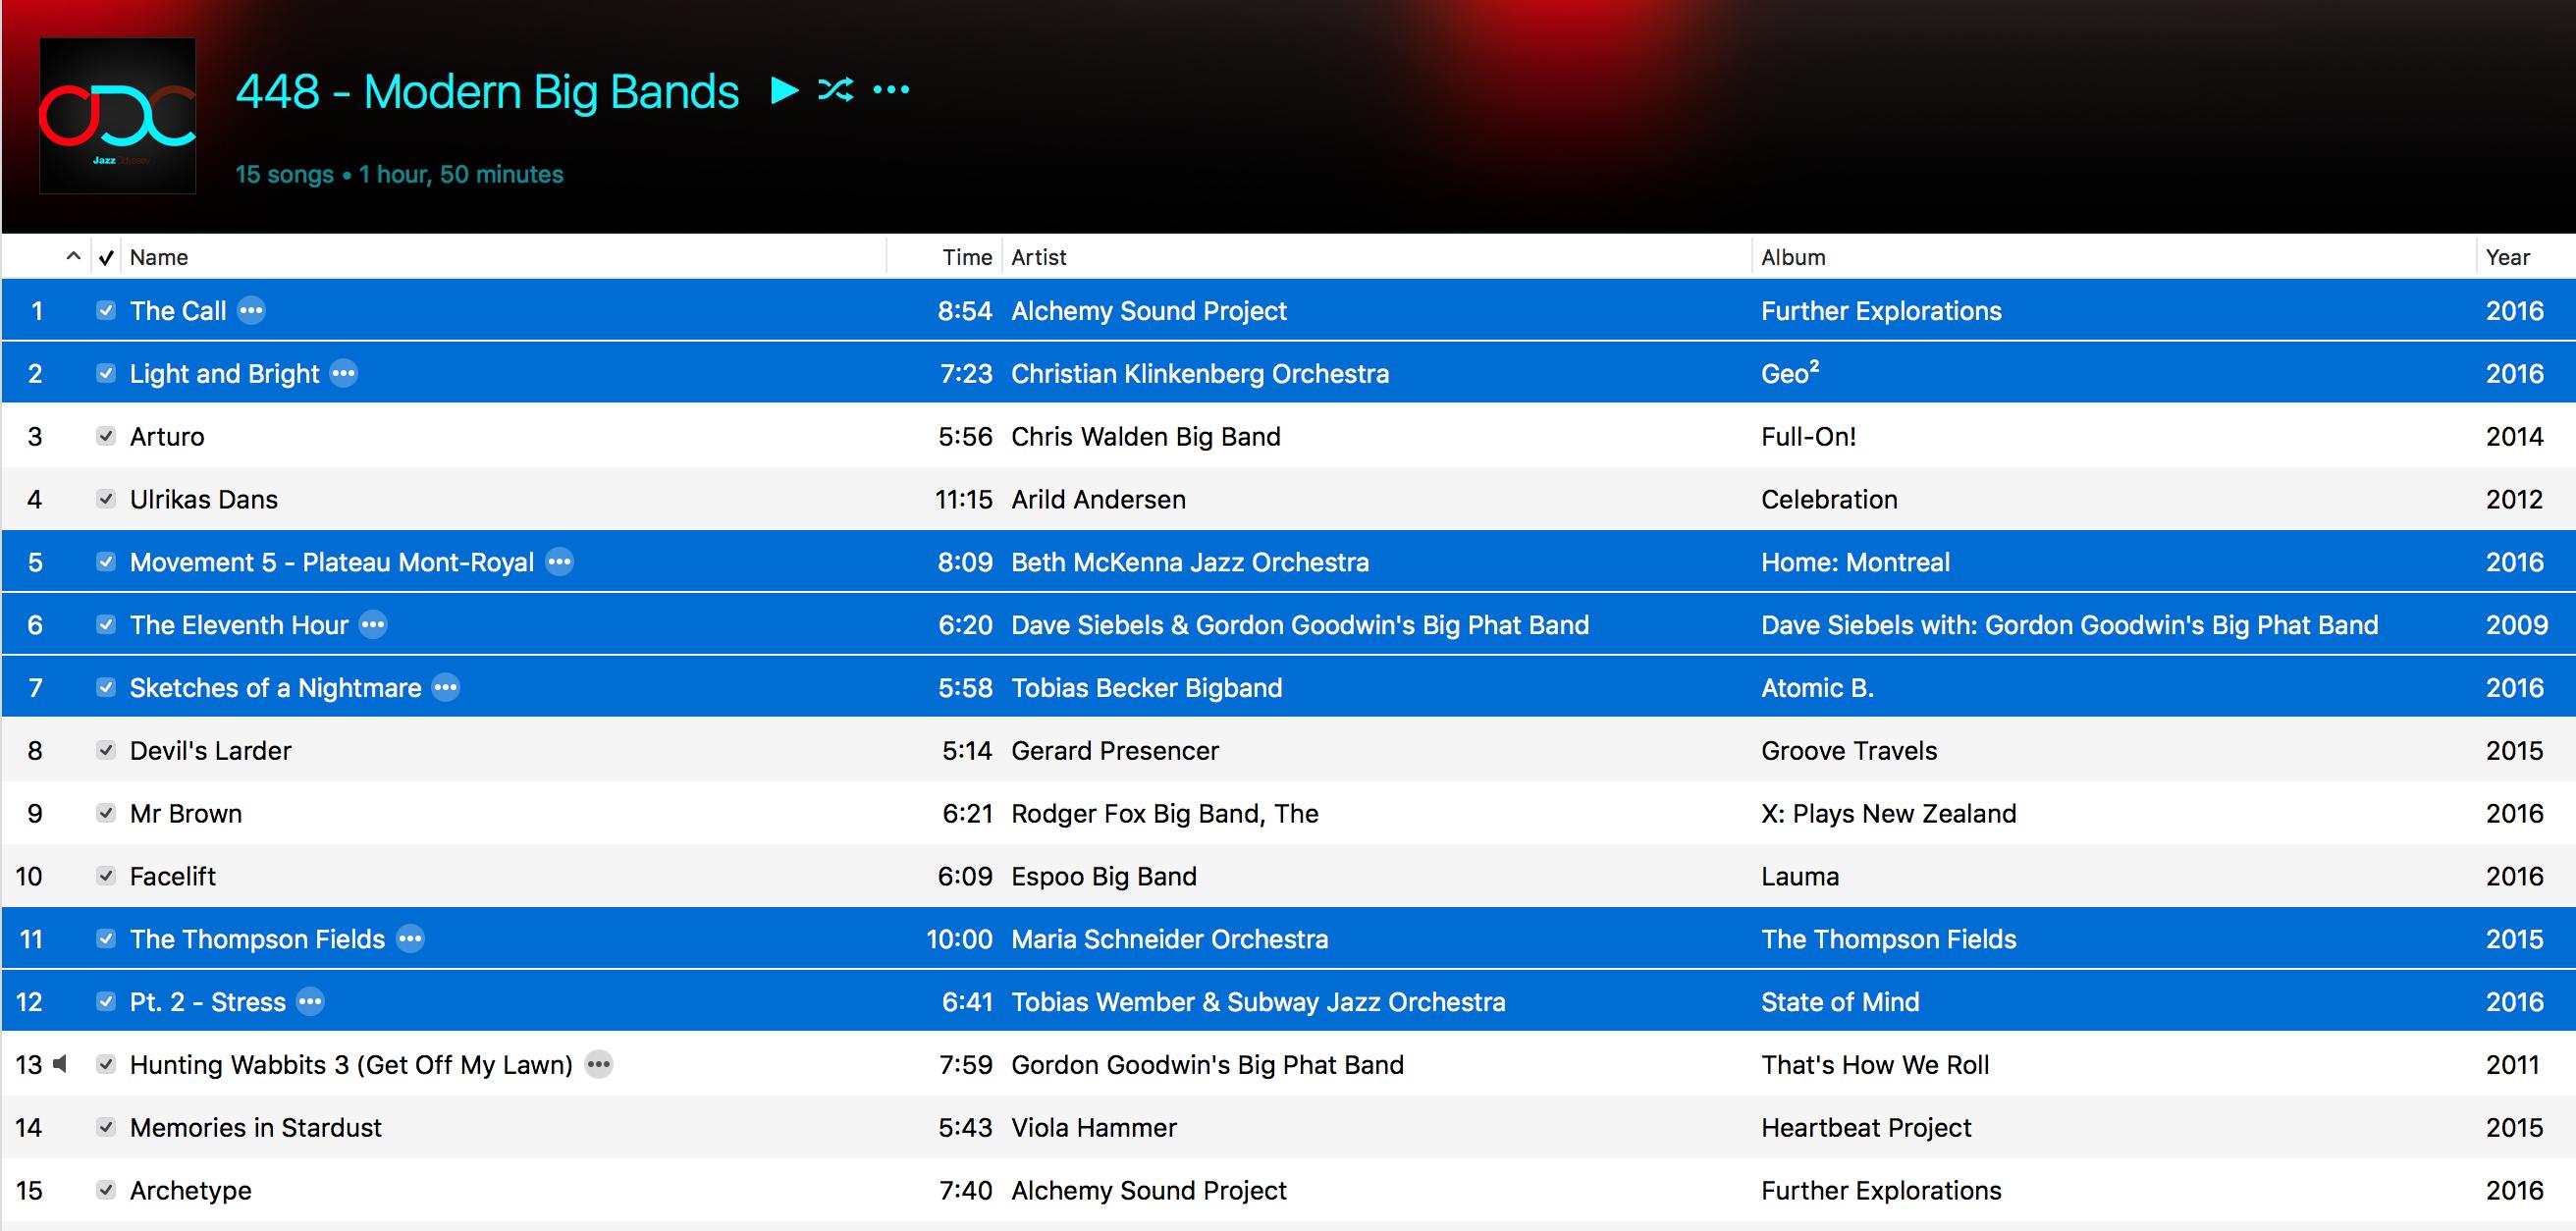 Jazz ODC #448 - Modern Big Bands - Playlist